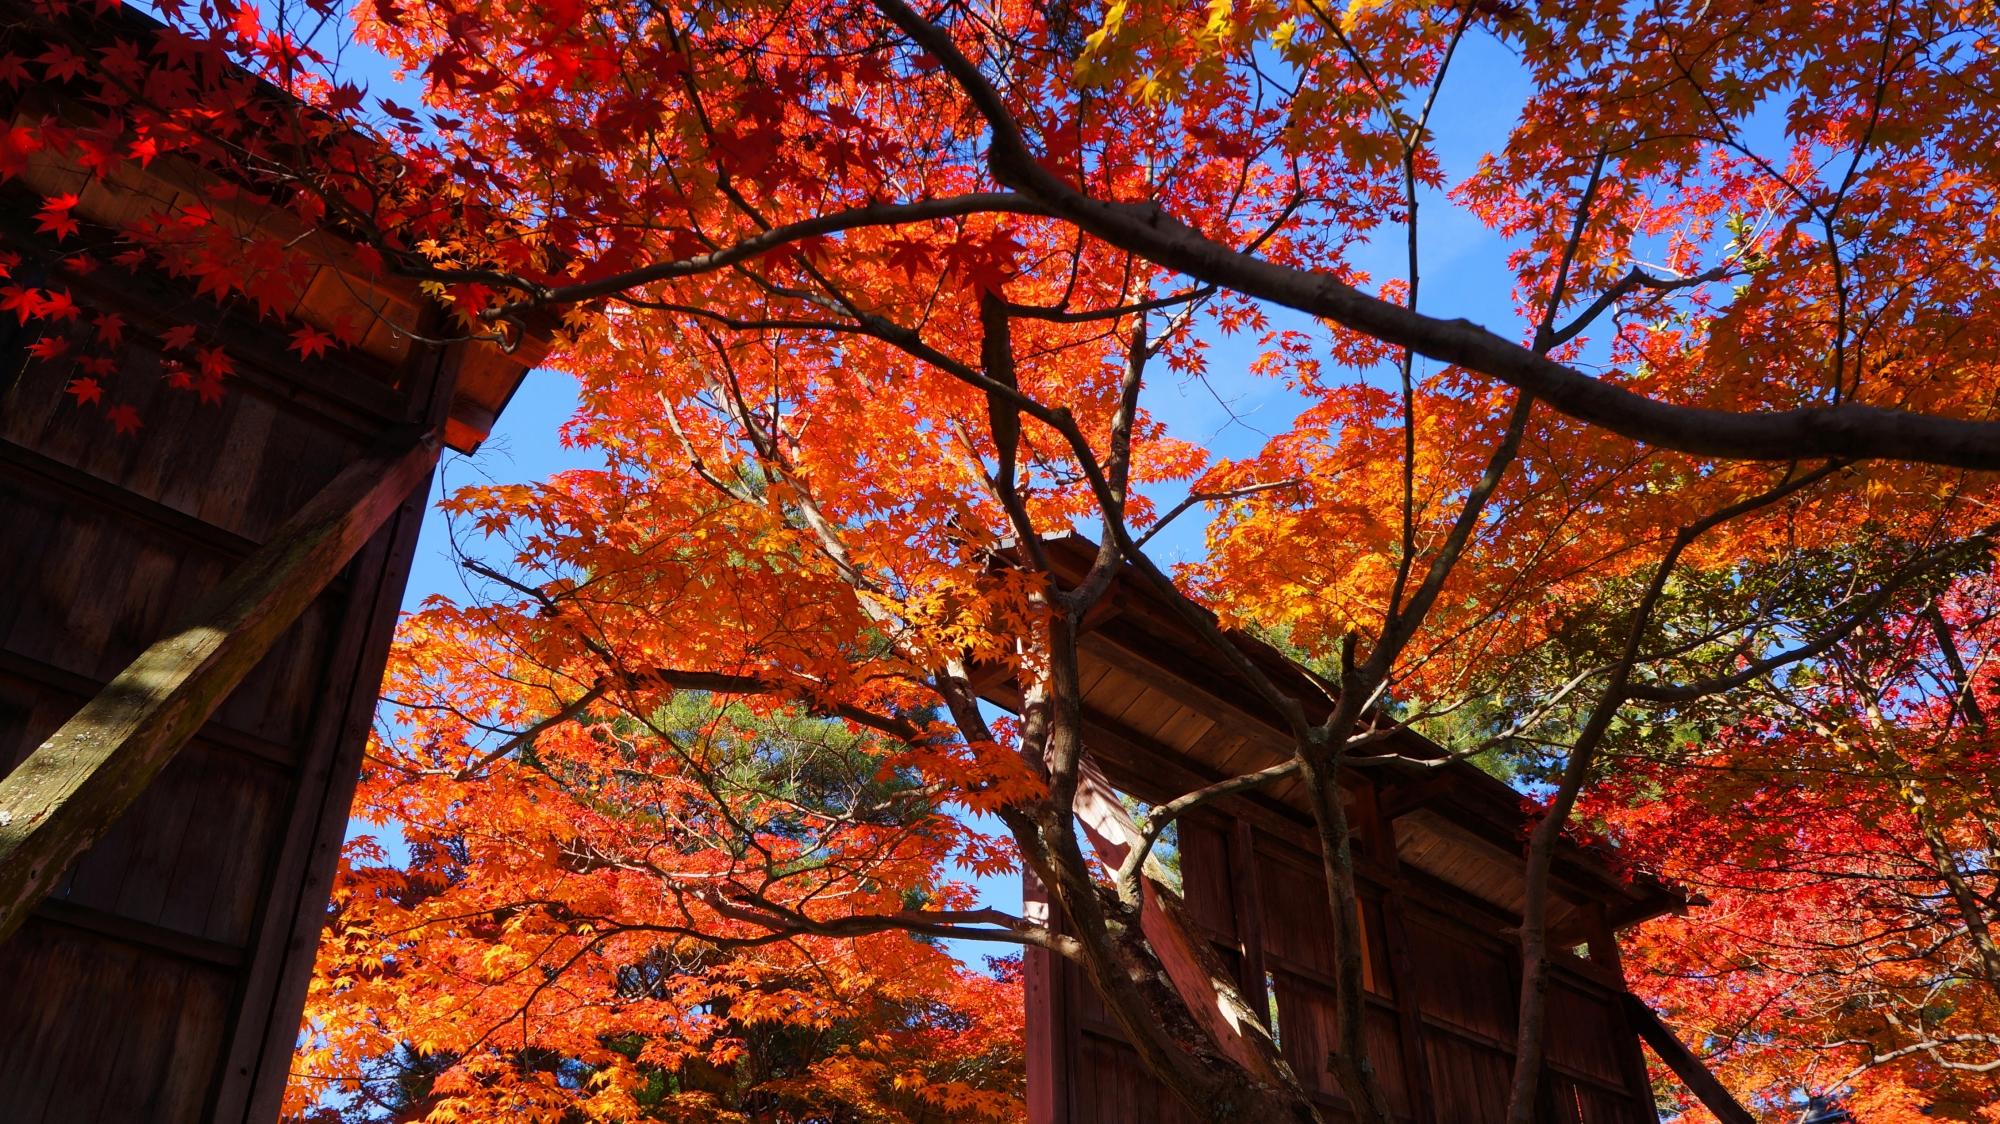 名札が掛けられた木の板の絶品の紅葉